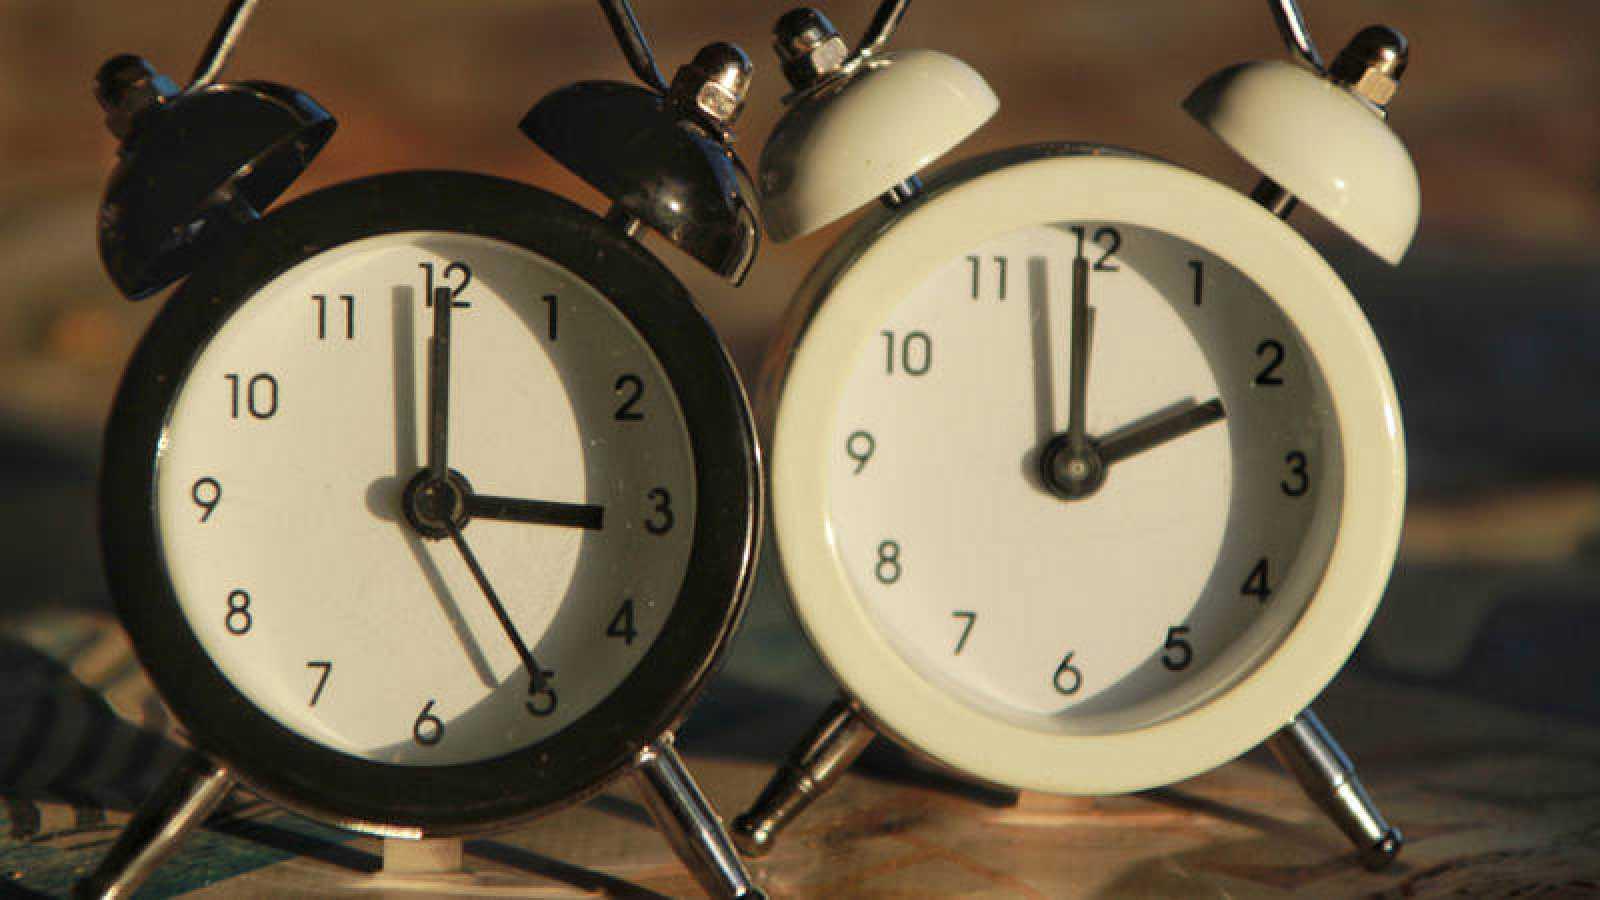 Todos los ciudadanos de la Unión Europea (UE) han retrasado este domingo sus relojes de acuerdo a una Directiva Europea en vigor desde 1974.